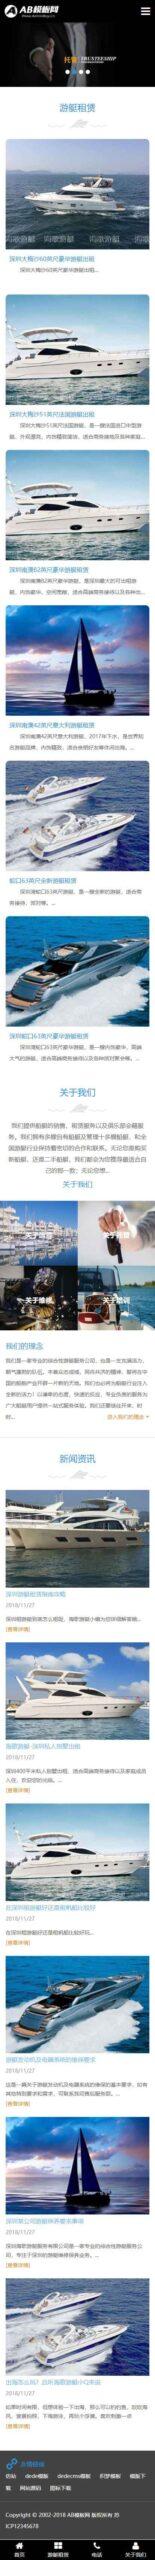 织梦游艇租赁模板dedecms船舶轮船企业自适应手机版网站源码